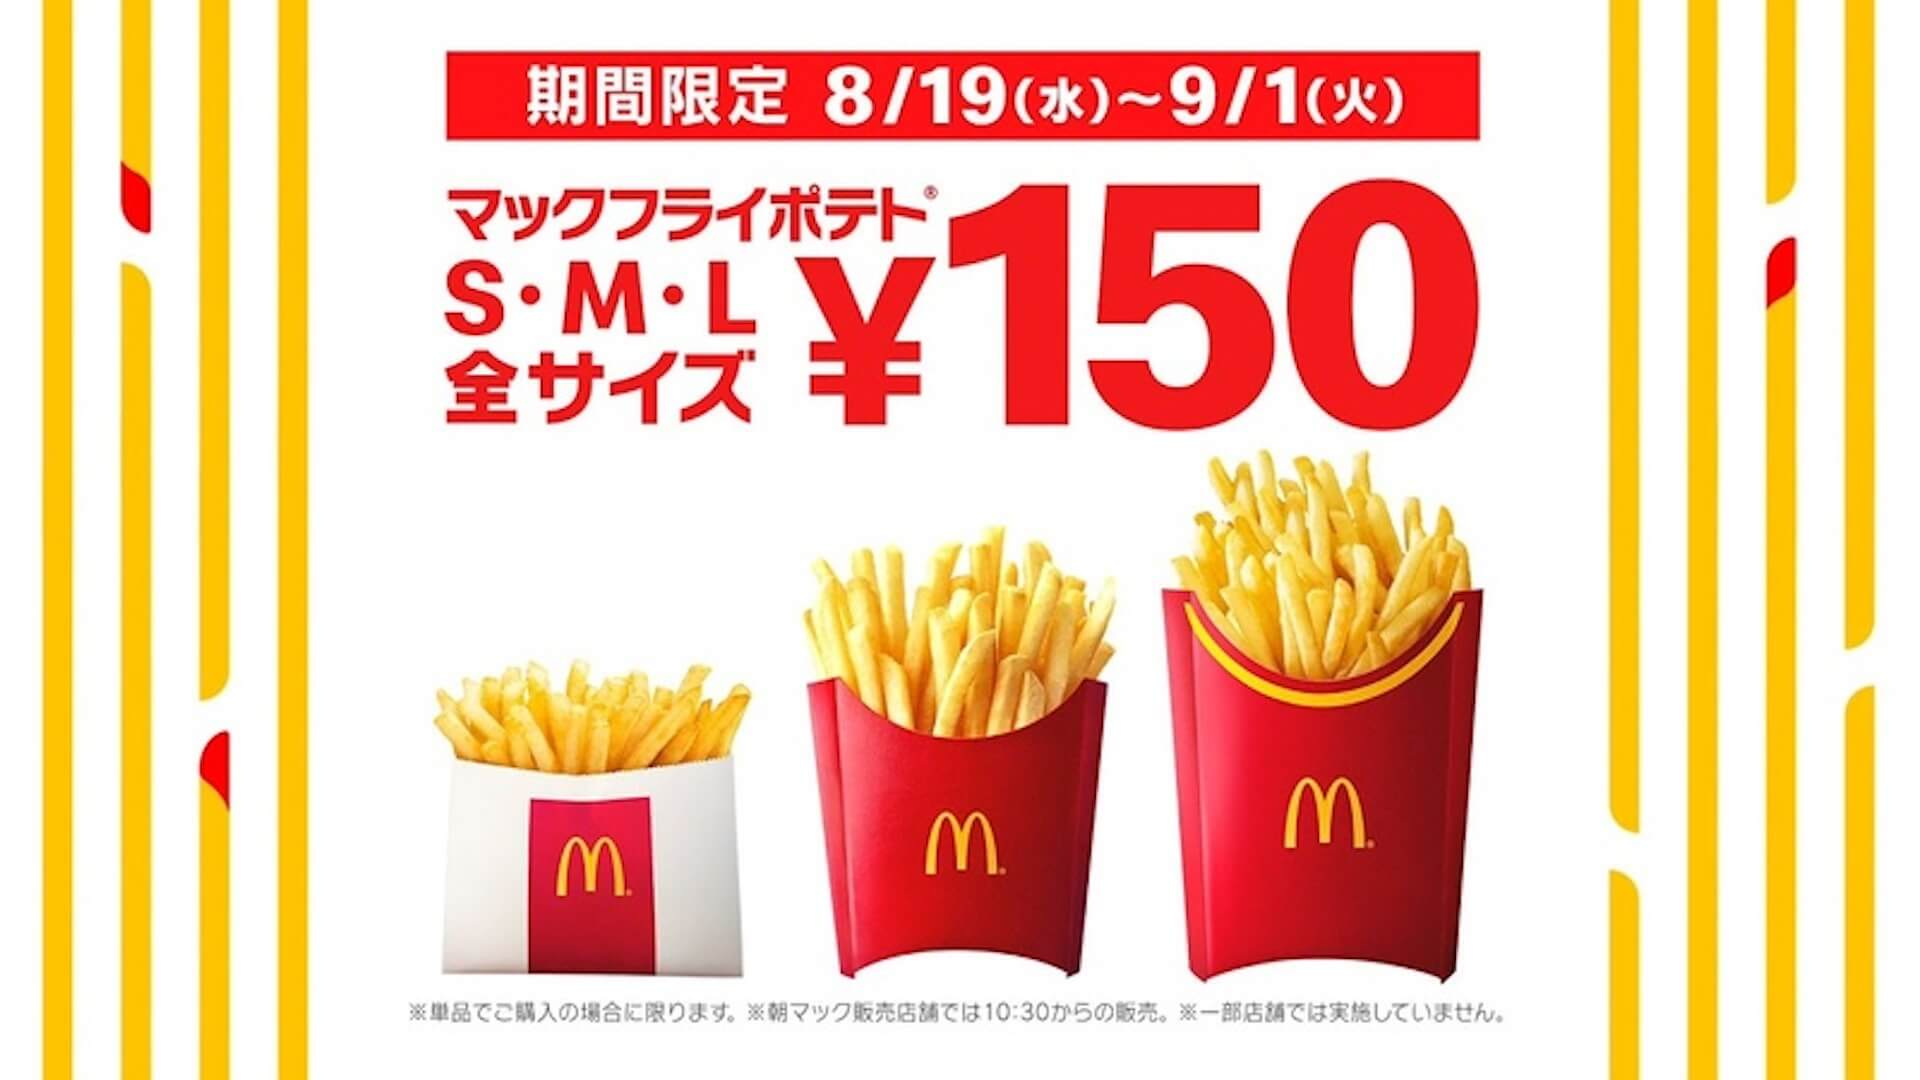 今日からマクドナルドの定番「マックフライポテト」が期間限定で全サイズ150円に!あの揚げたての音が鳴るポテトタイマーがあたるキャンペーンも gourmet200819_mcdonald_potato_2